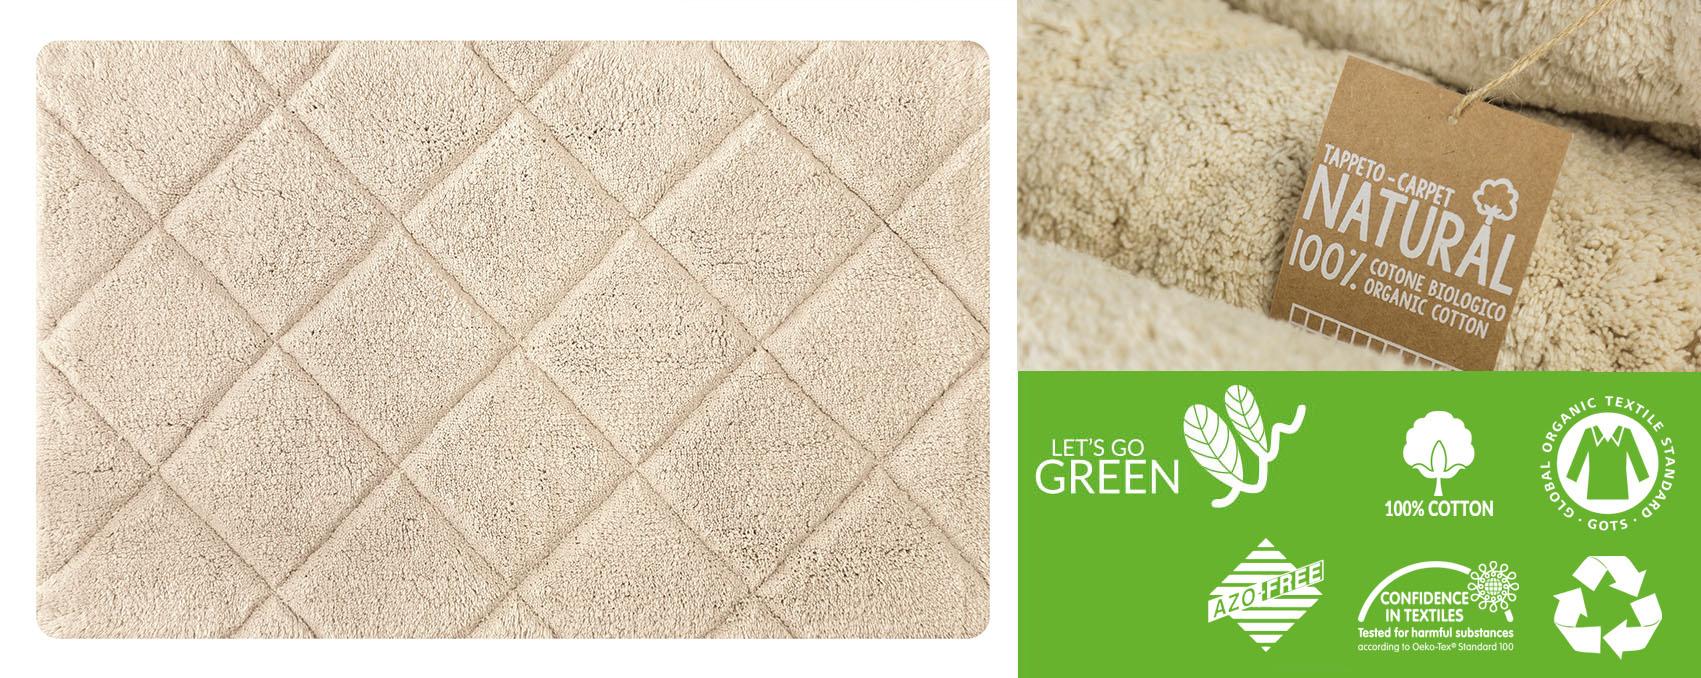 tappeti in cotone biologico per regali green